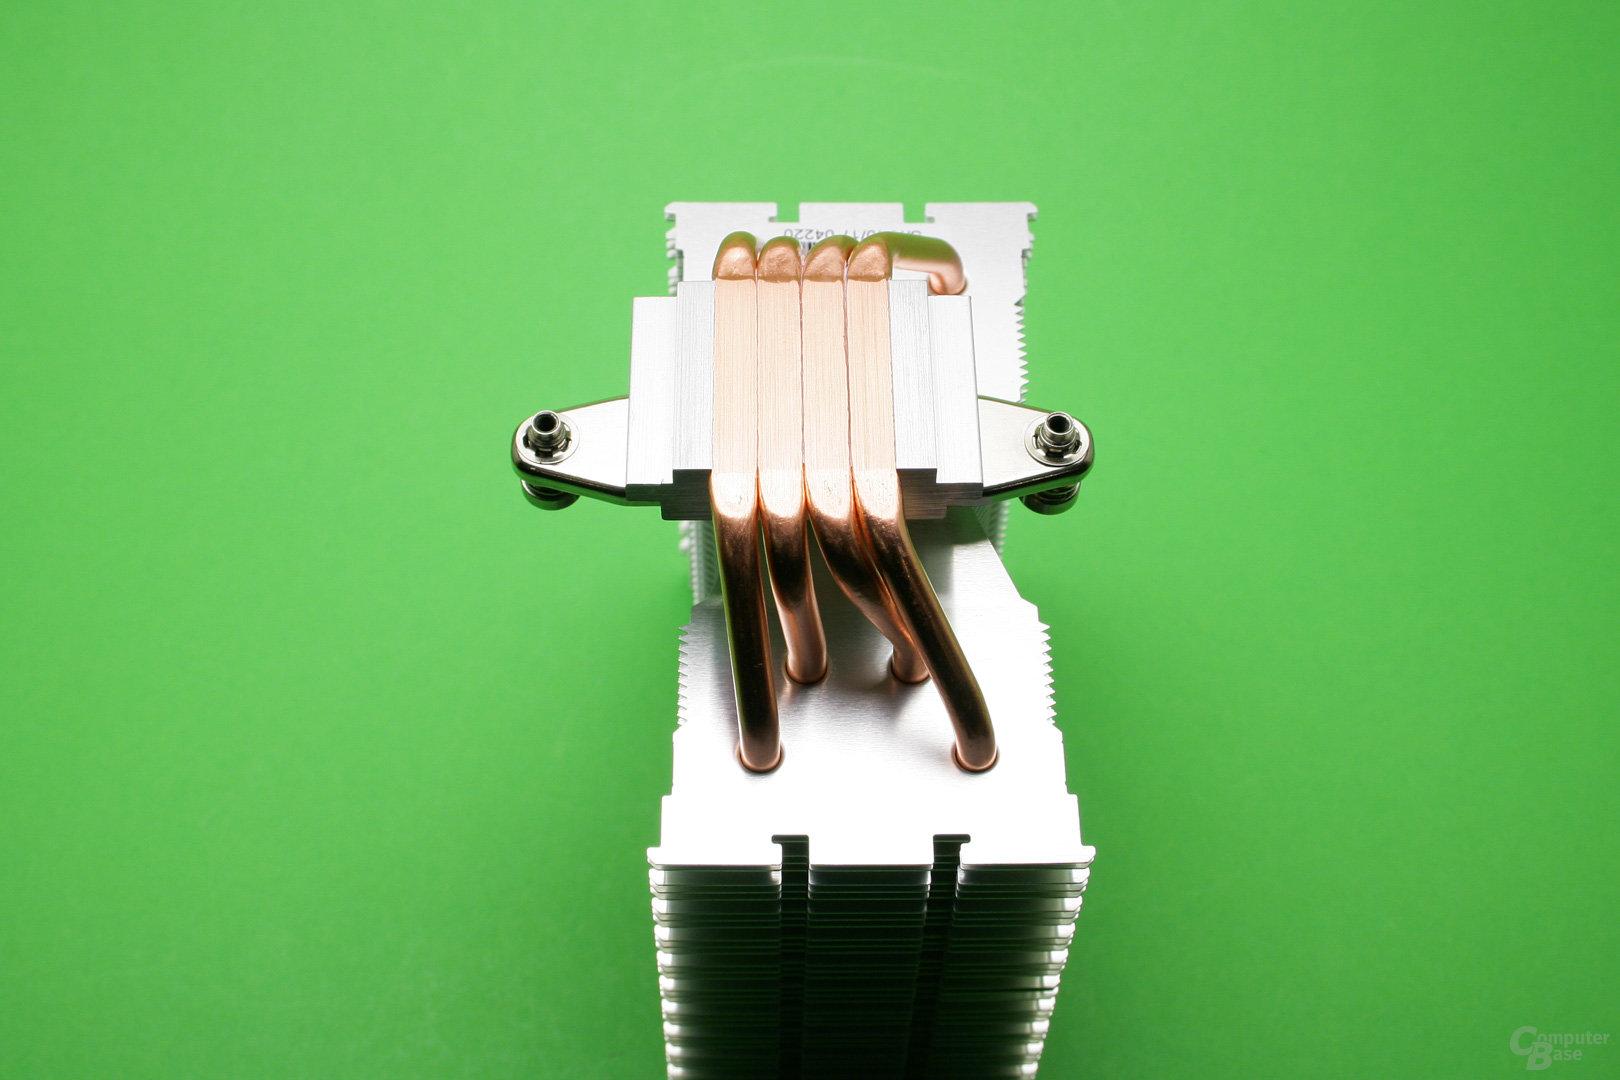 Der Kühlturm des Brocken Eco ist versetzt, um keine RAM-Module zu überdecken